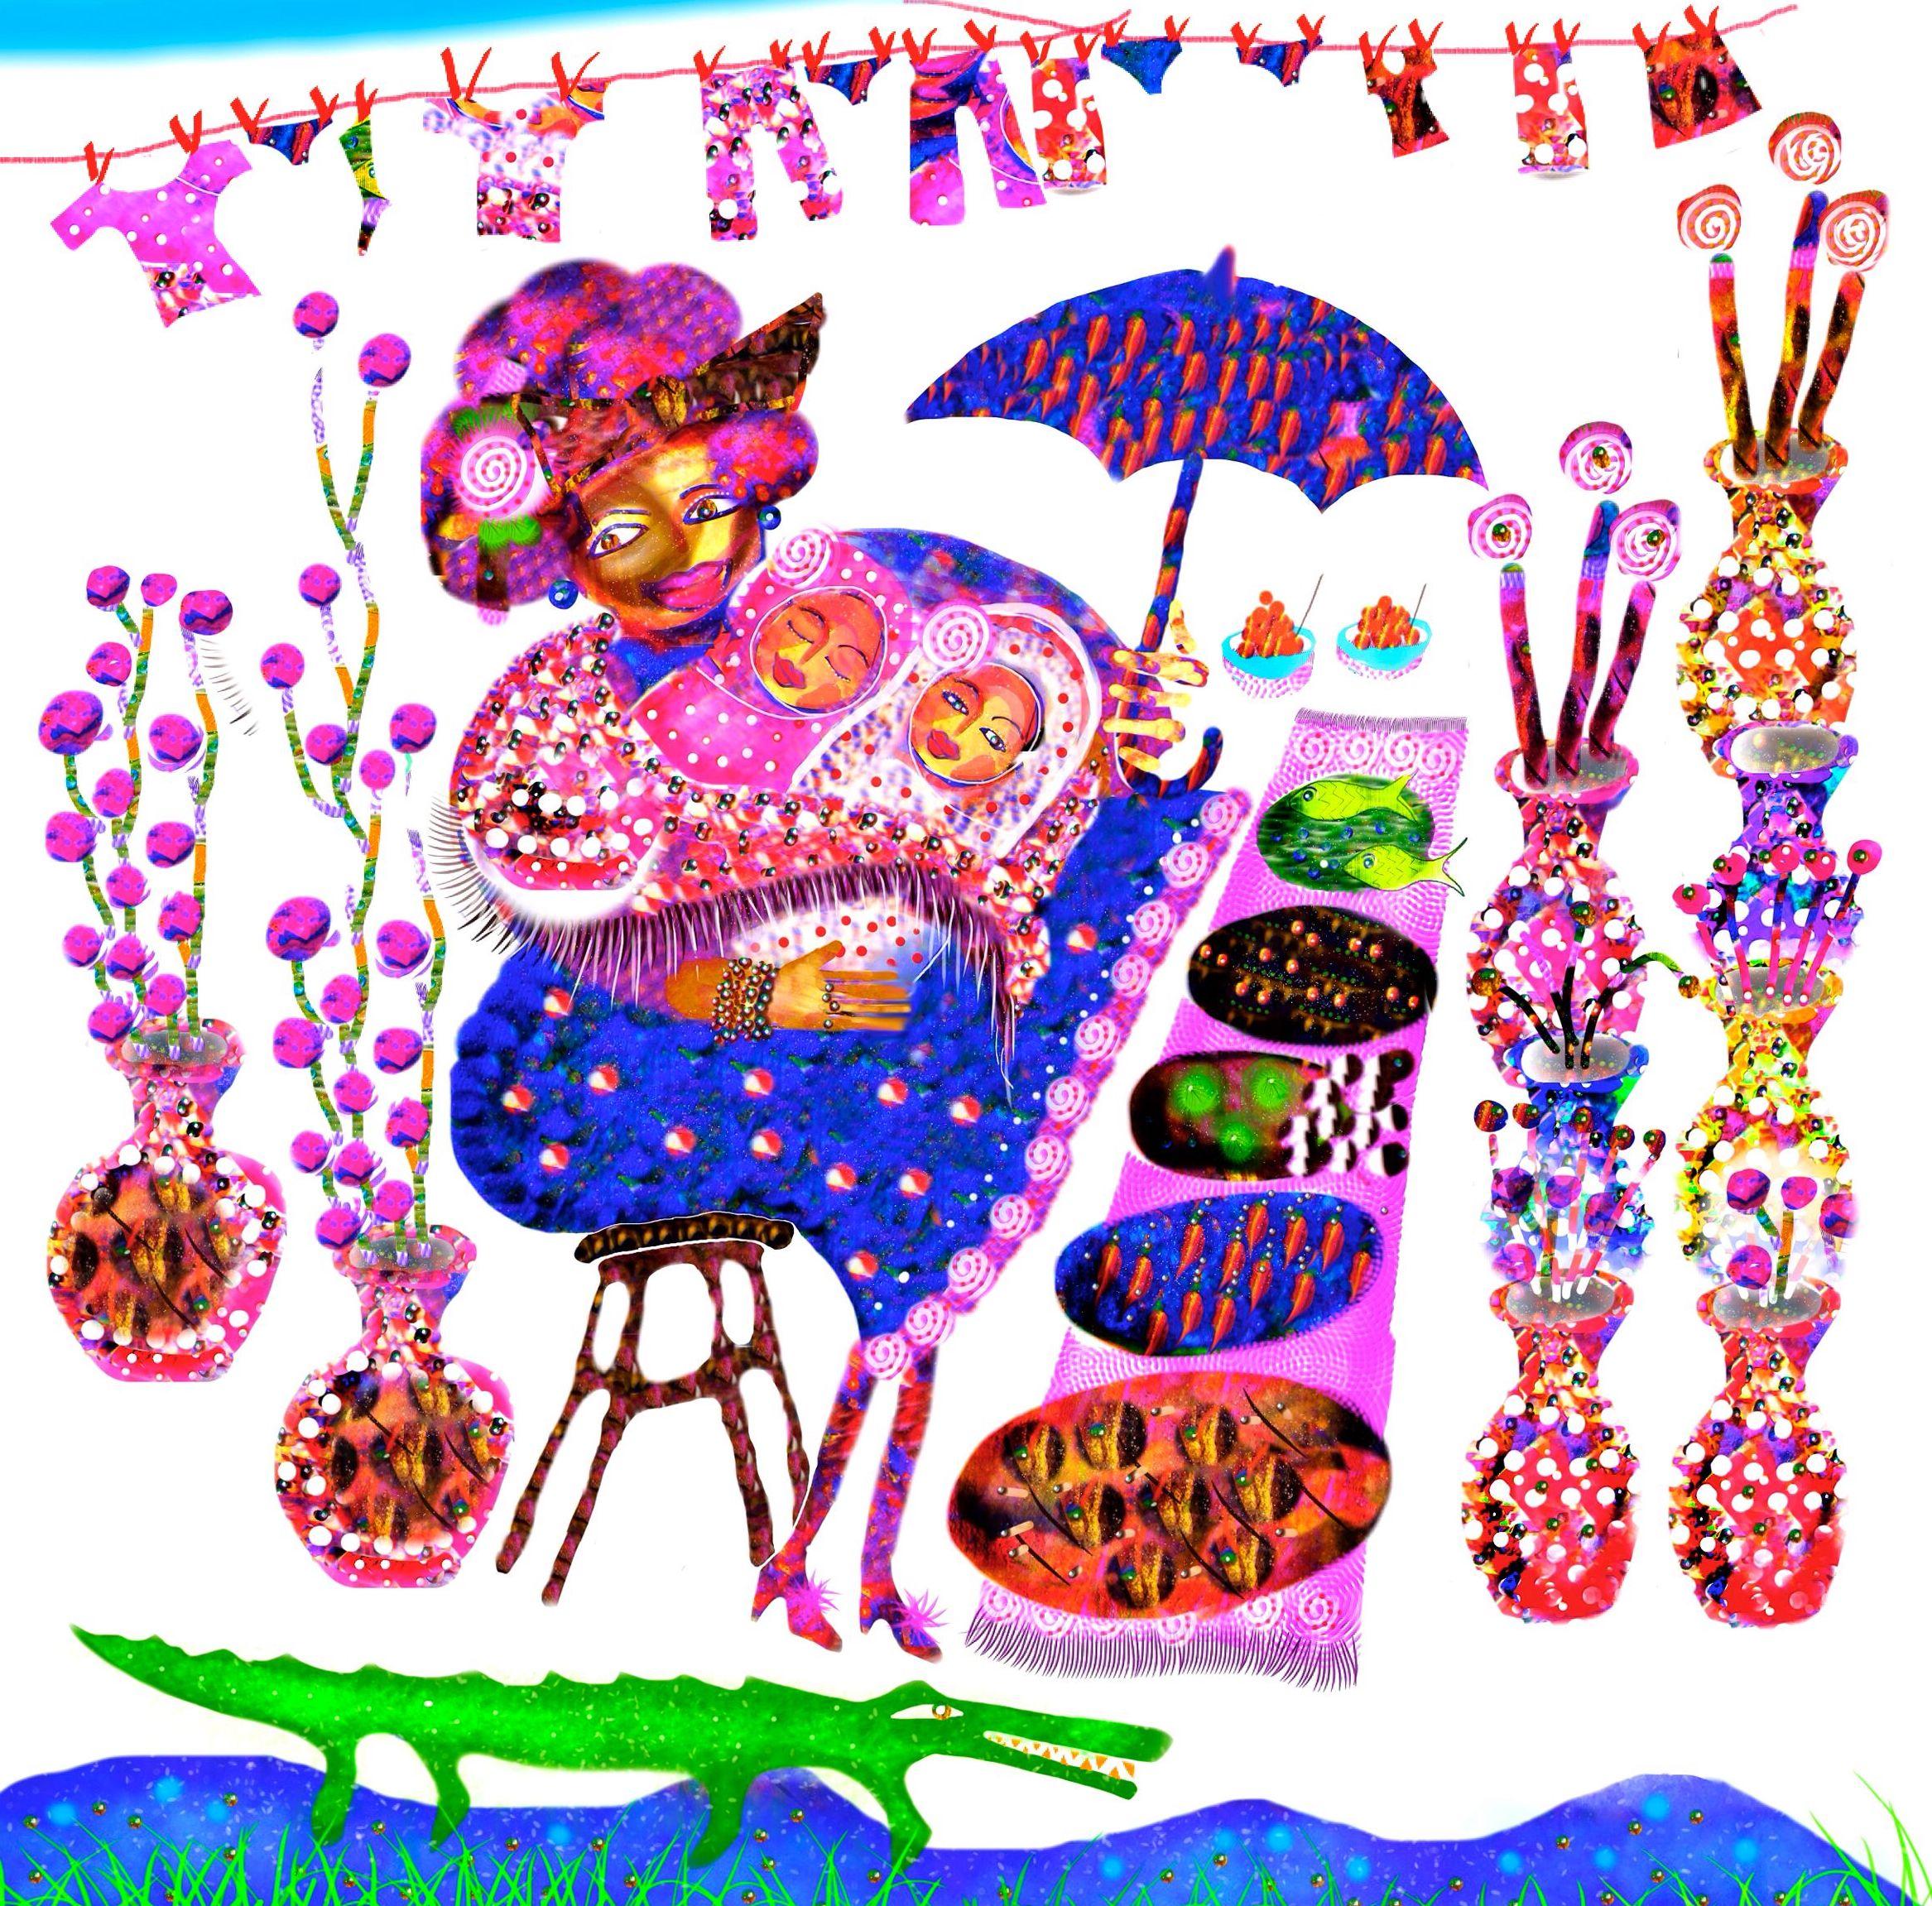 Lullabie from Senegal, illustrator Malin Skinnar